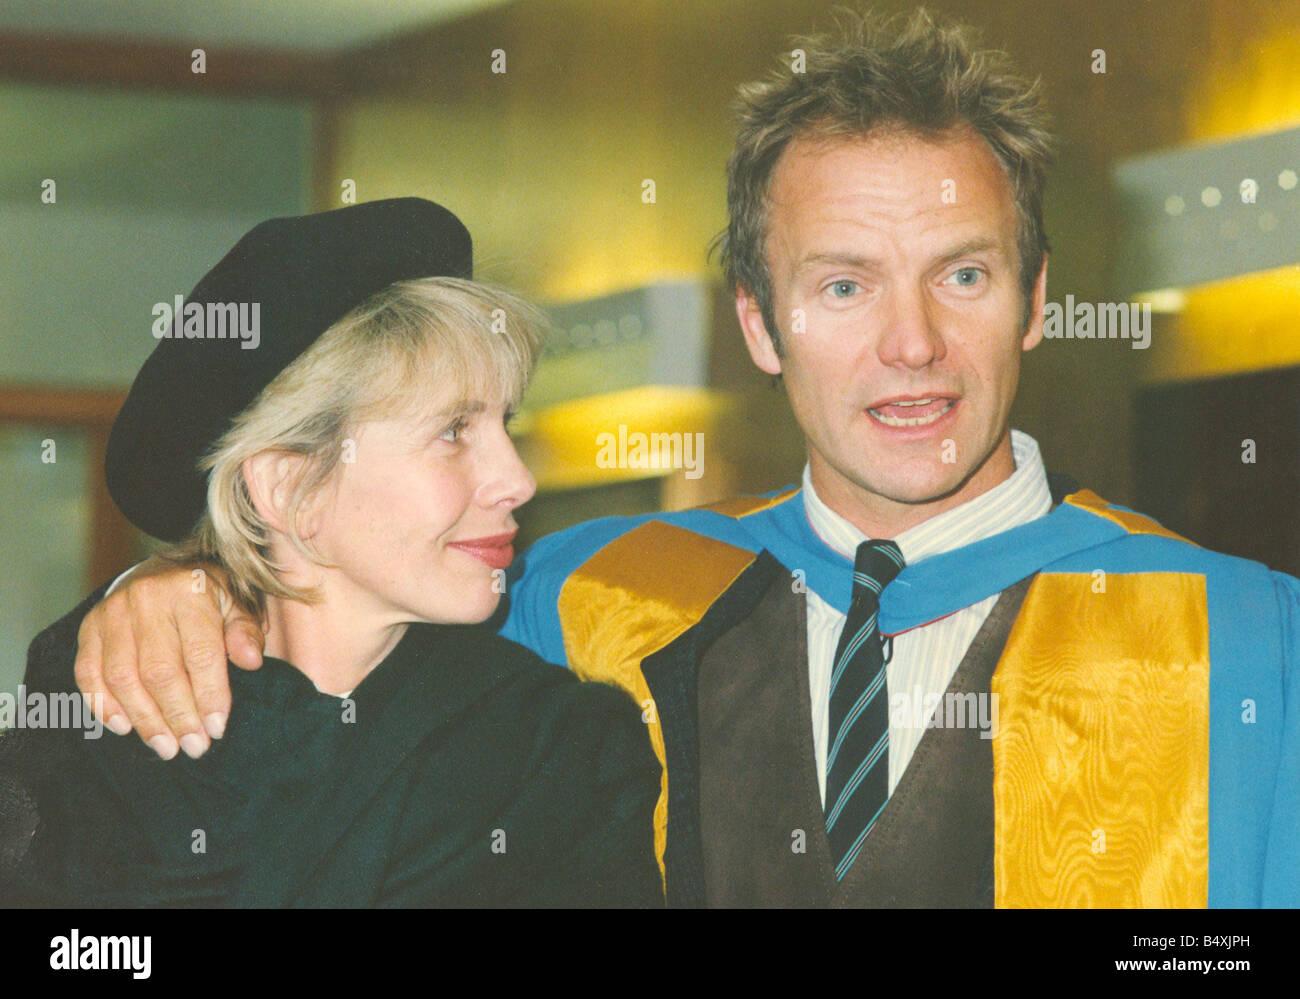 Lib chanteur auteur-compositeur Sting recevant son doctorat honorifique en musique de l'Université de Northumbria, pour sa contribution aux arts et de son influence sur l'écologie mondiale en photo avec sa femme Trudie Styler 13 Novembre 1992 Banque D'Images